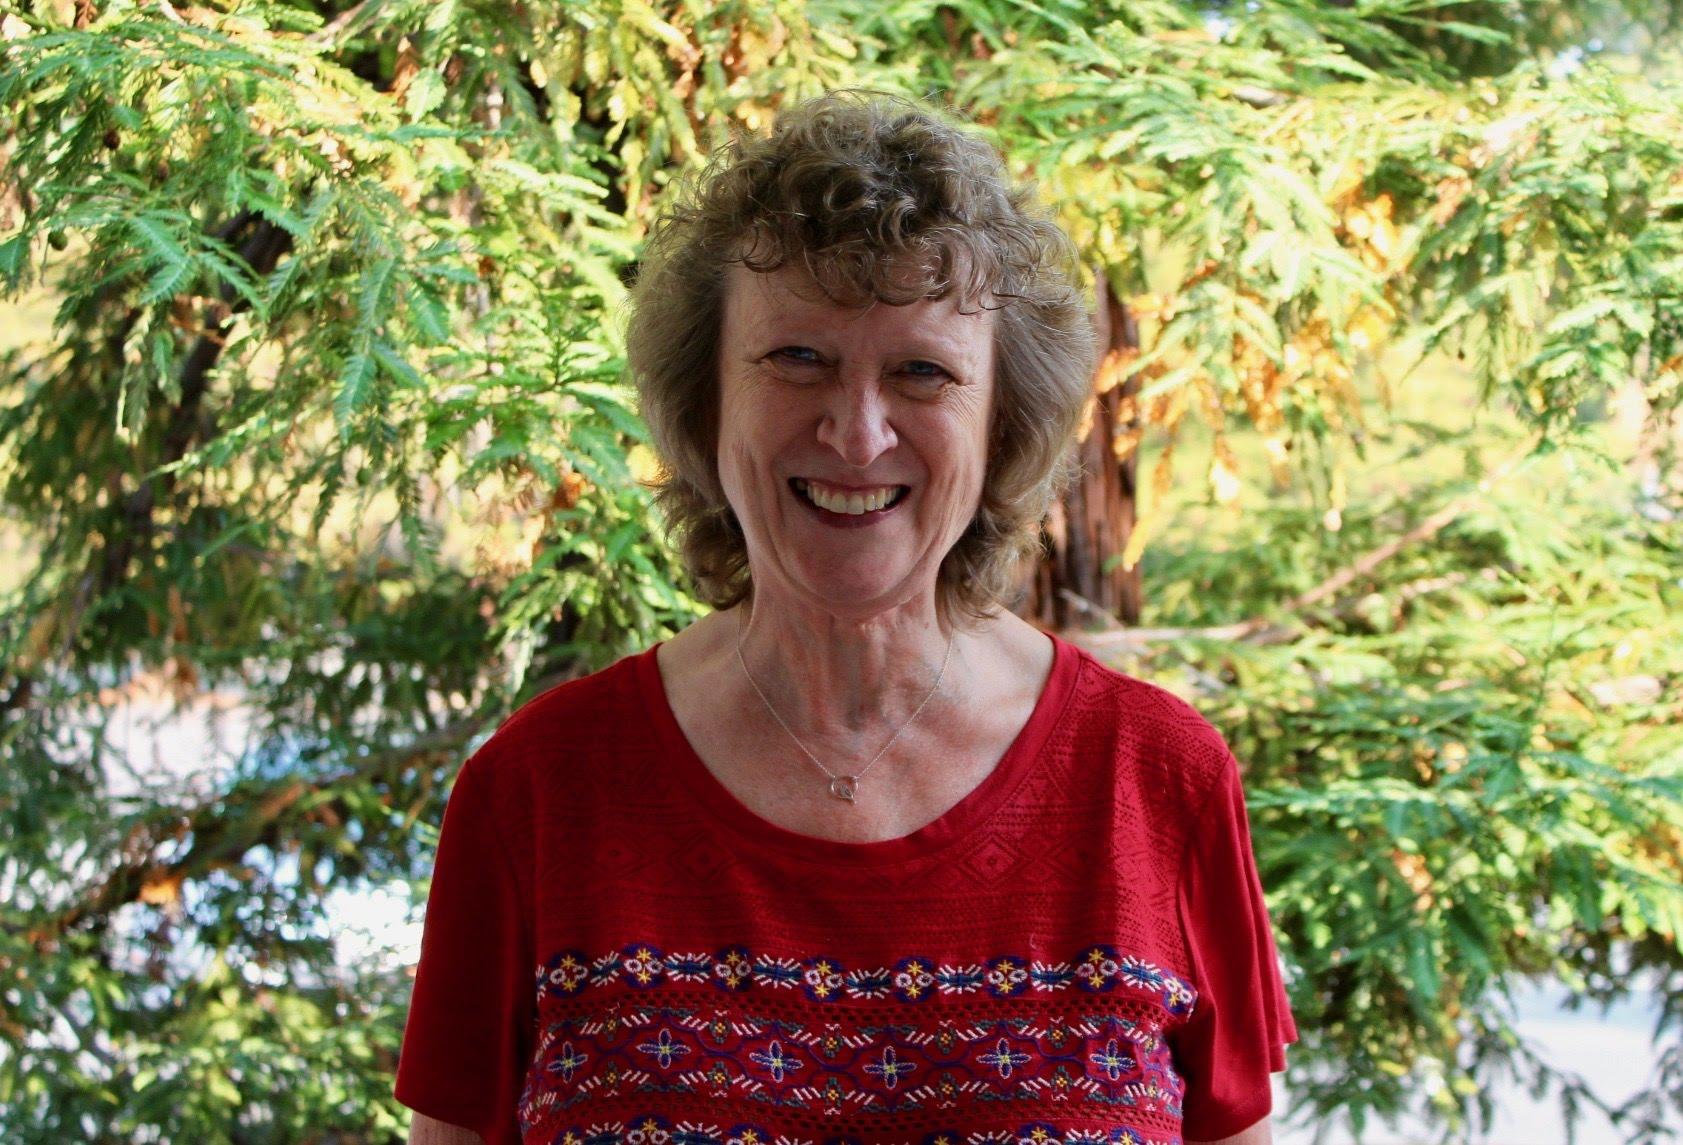 Contact Julie Berk